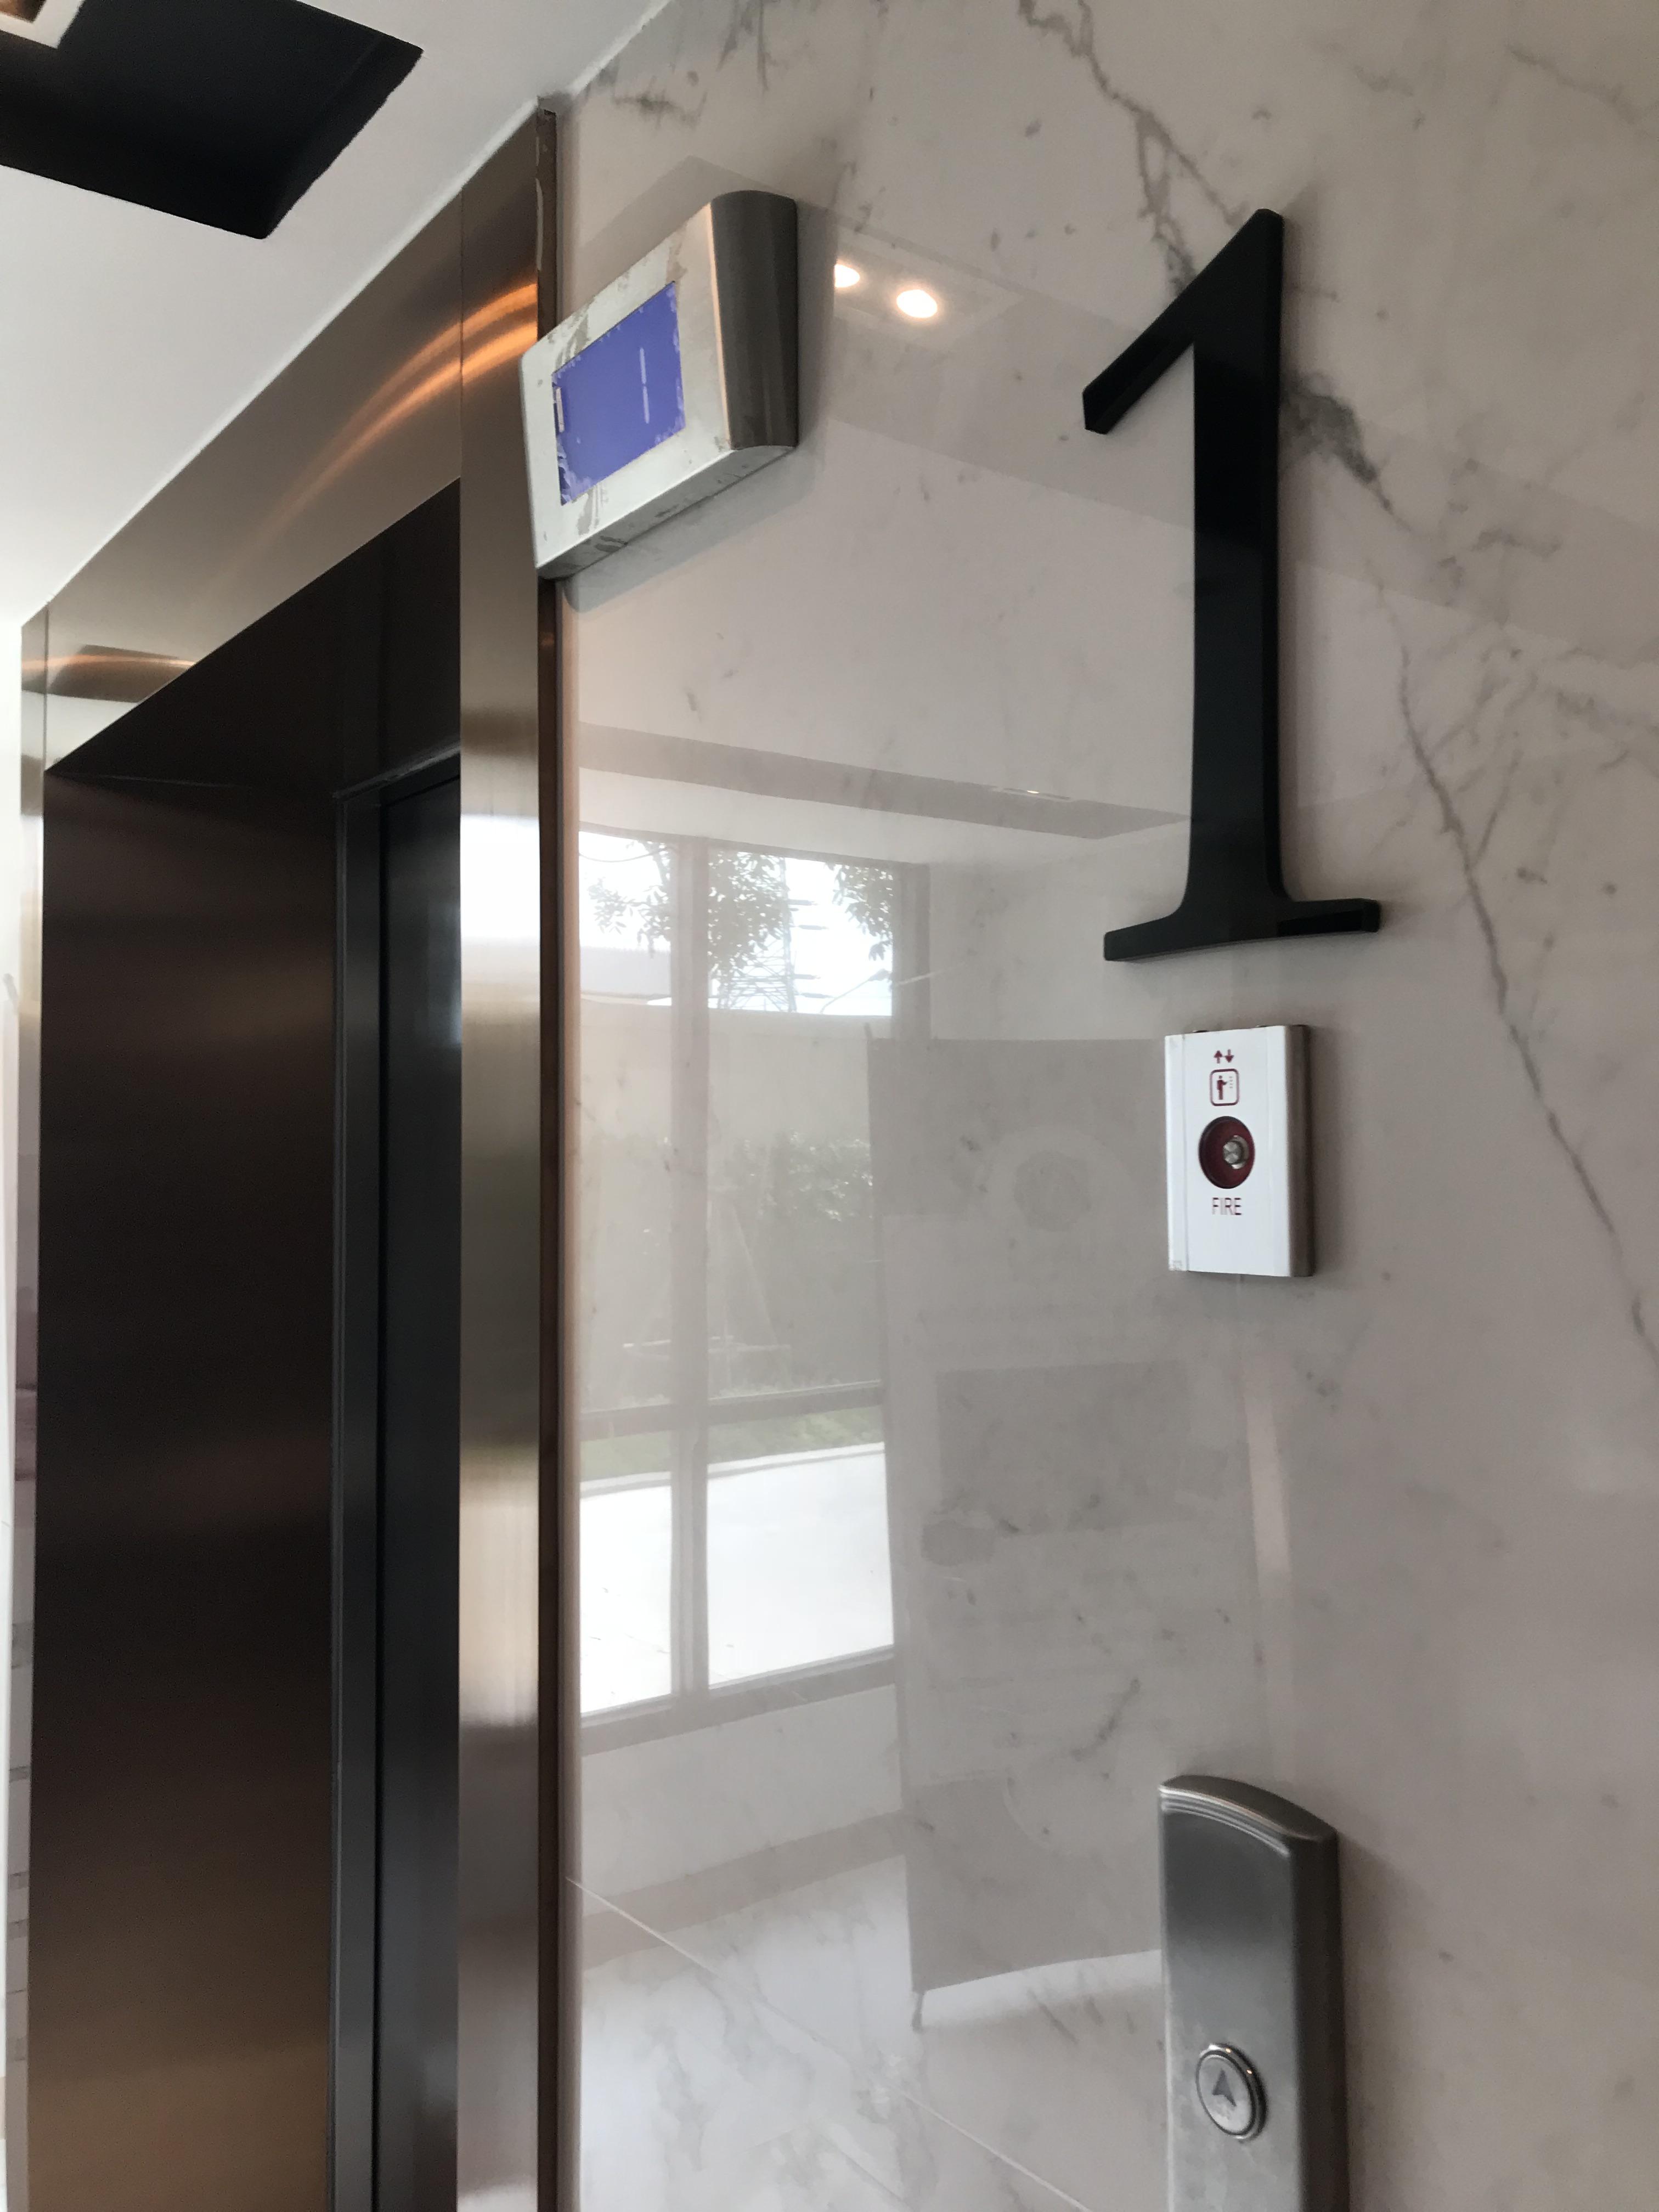 เลขบอกชั้นหน้าลิฟต์ โครงการ Notting Hill แหลมฉบัง